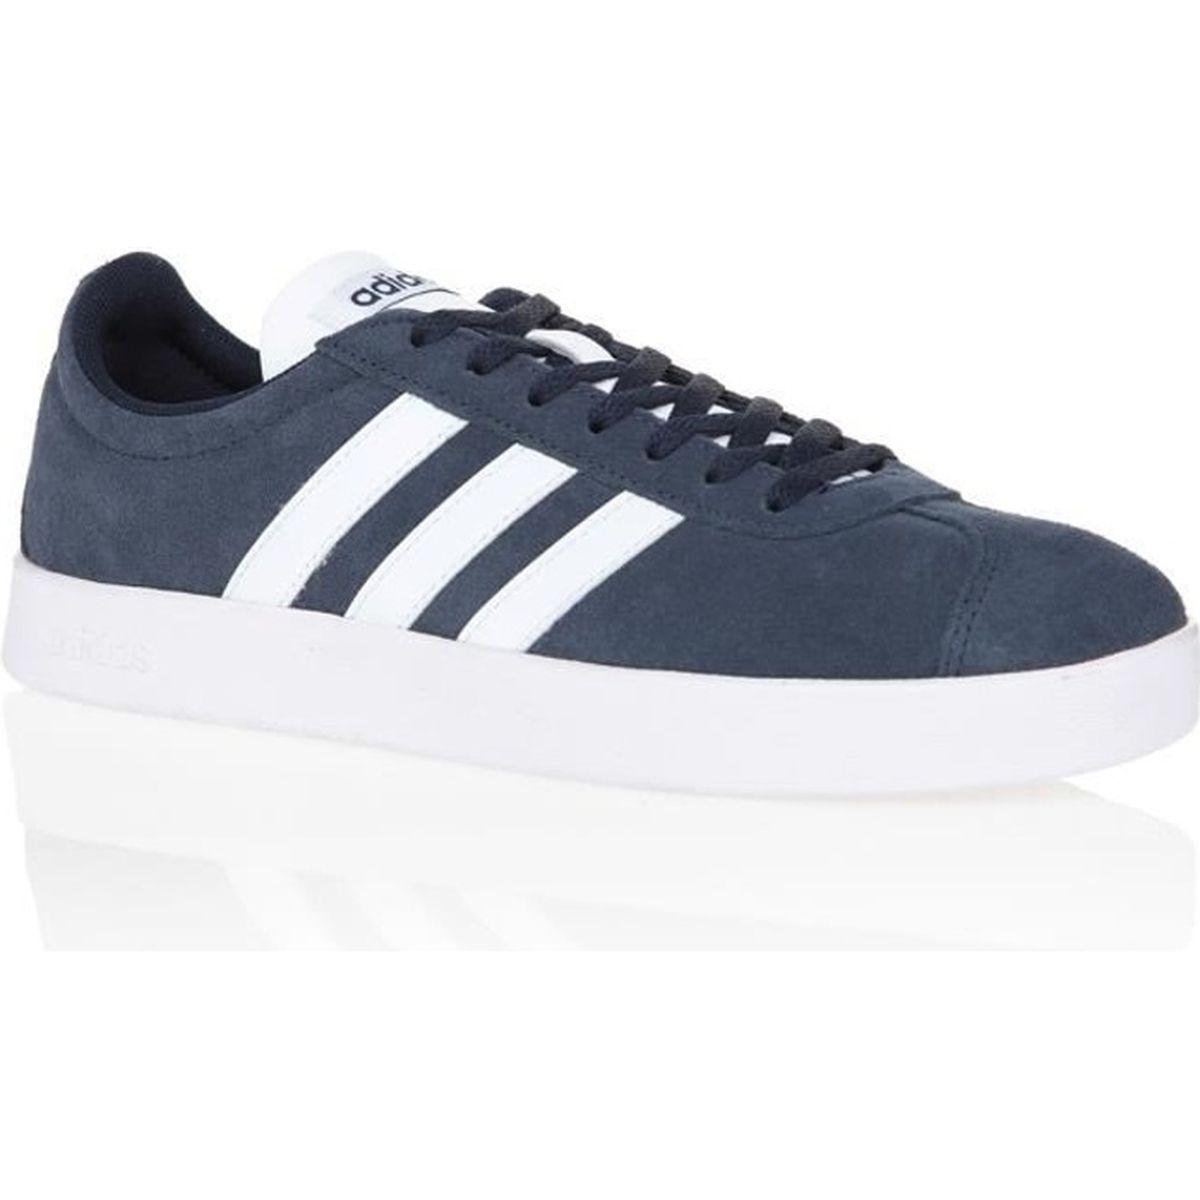 9dbb6a774e4 Adidas daily 2 0 - Achat   Vente pas cher